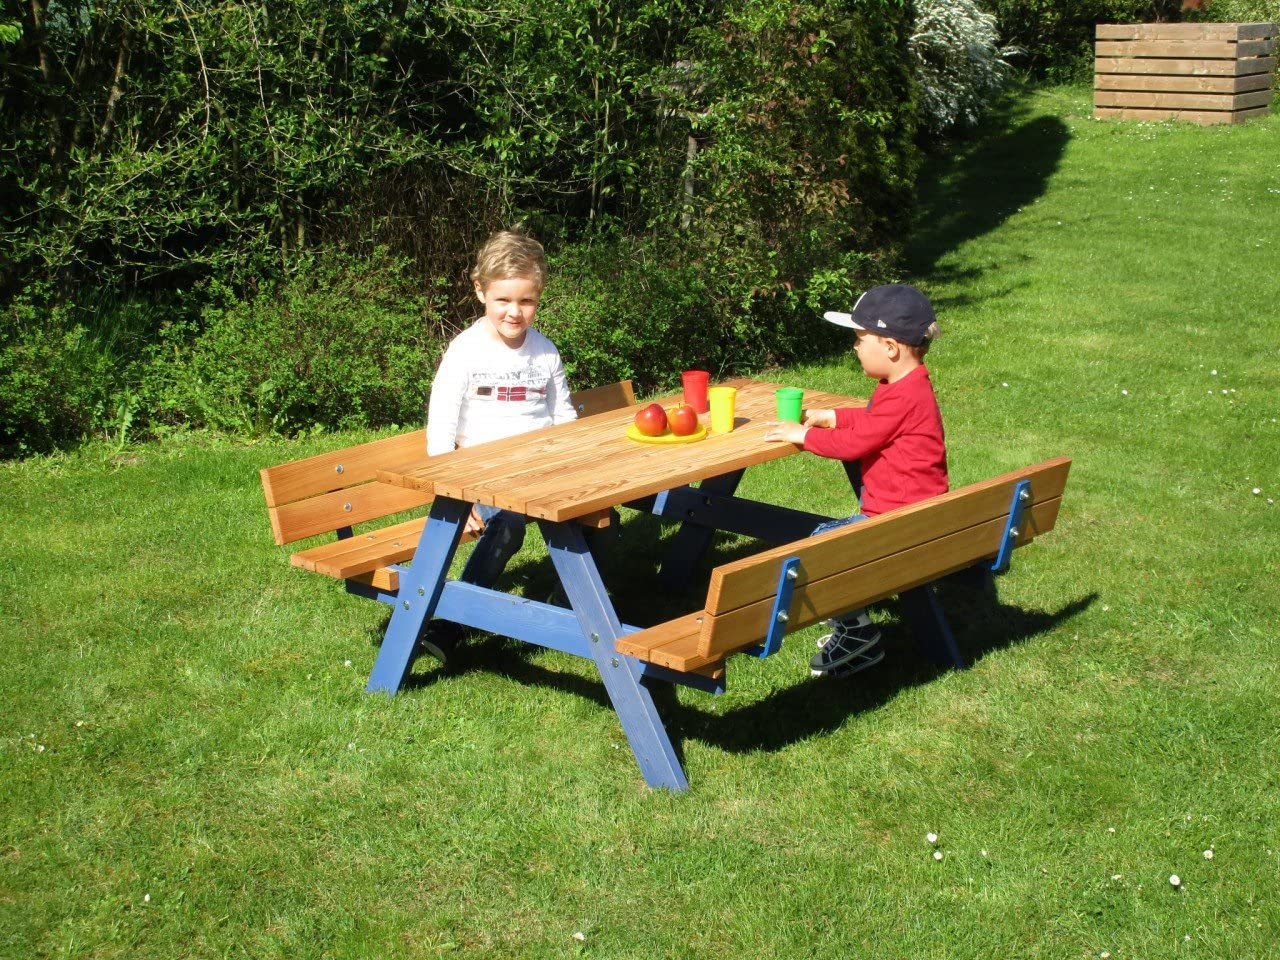 Bätz Holzspielwaren Kinderpicknick-Sitzgruppe mit Rückenlehne / Material: Lärchenholz / Länge: 120 cm / Tischhöhe: 52 cm / Sitzhöhe: 28 cm / Breite: 120 cm